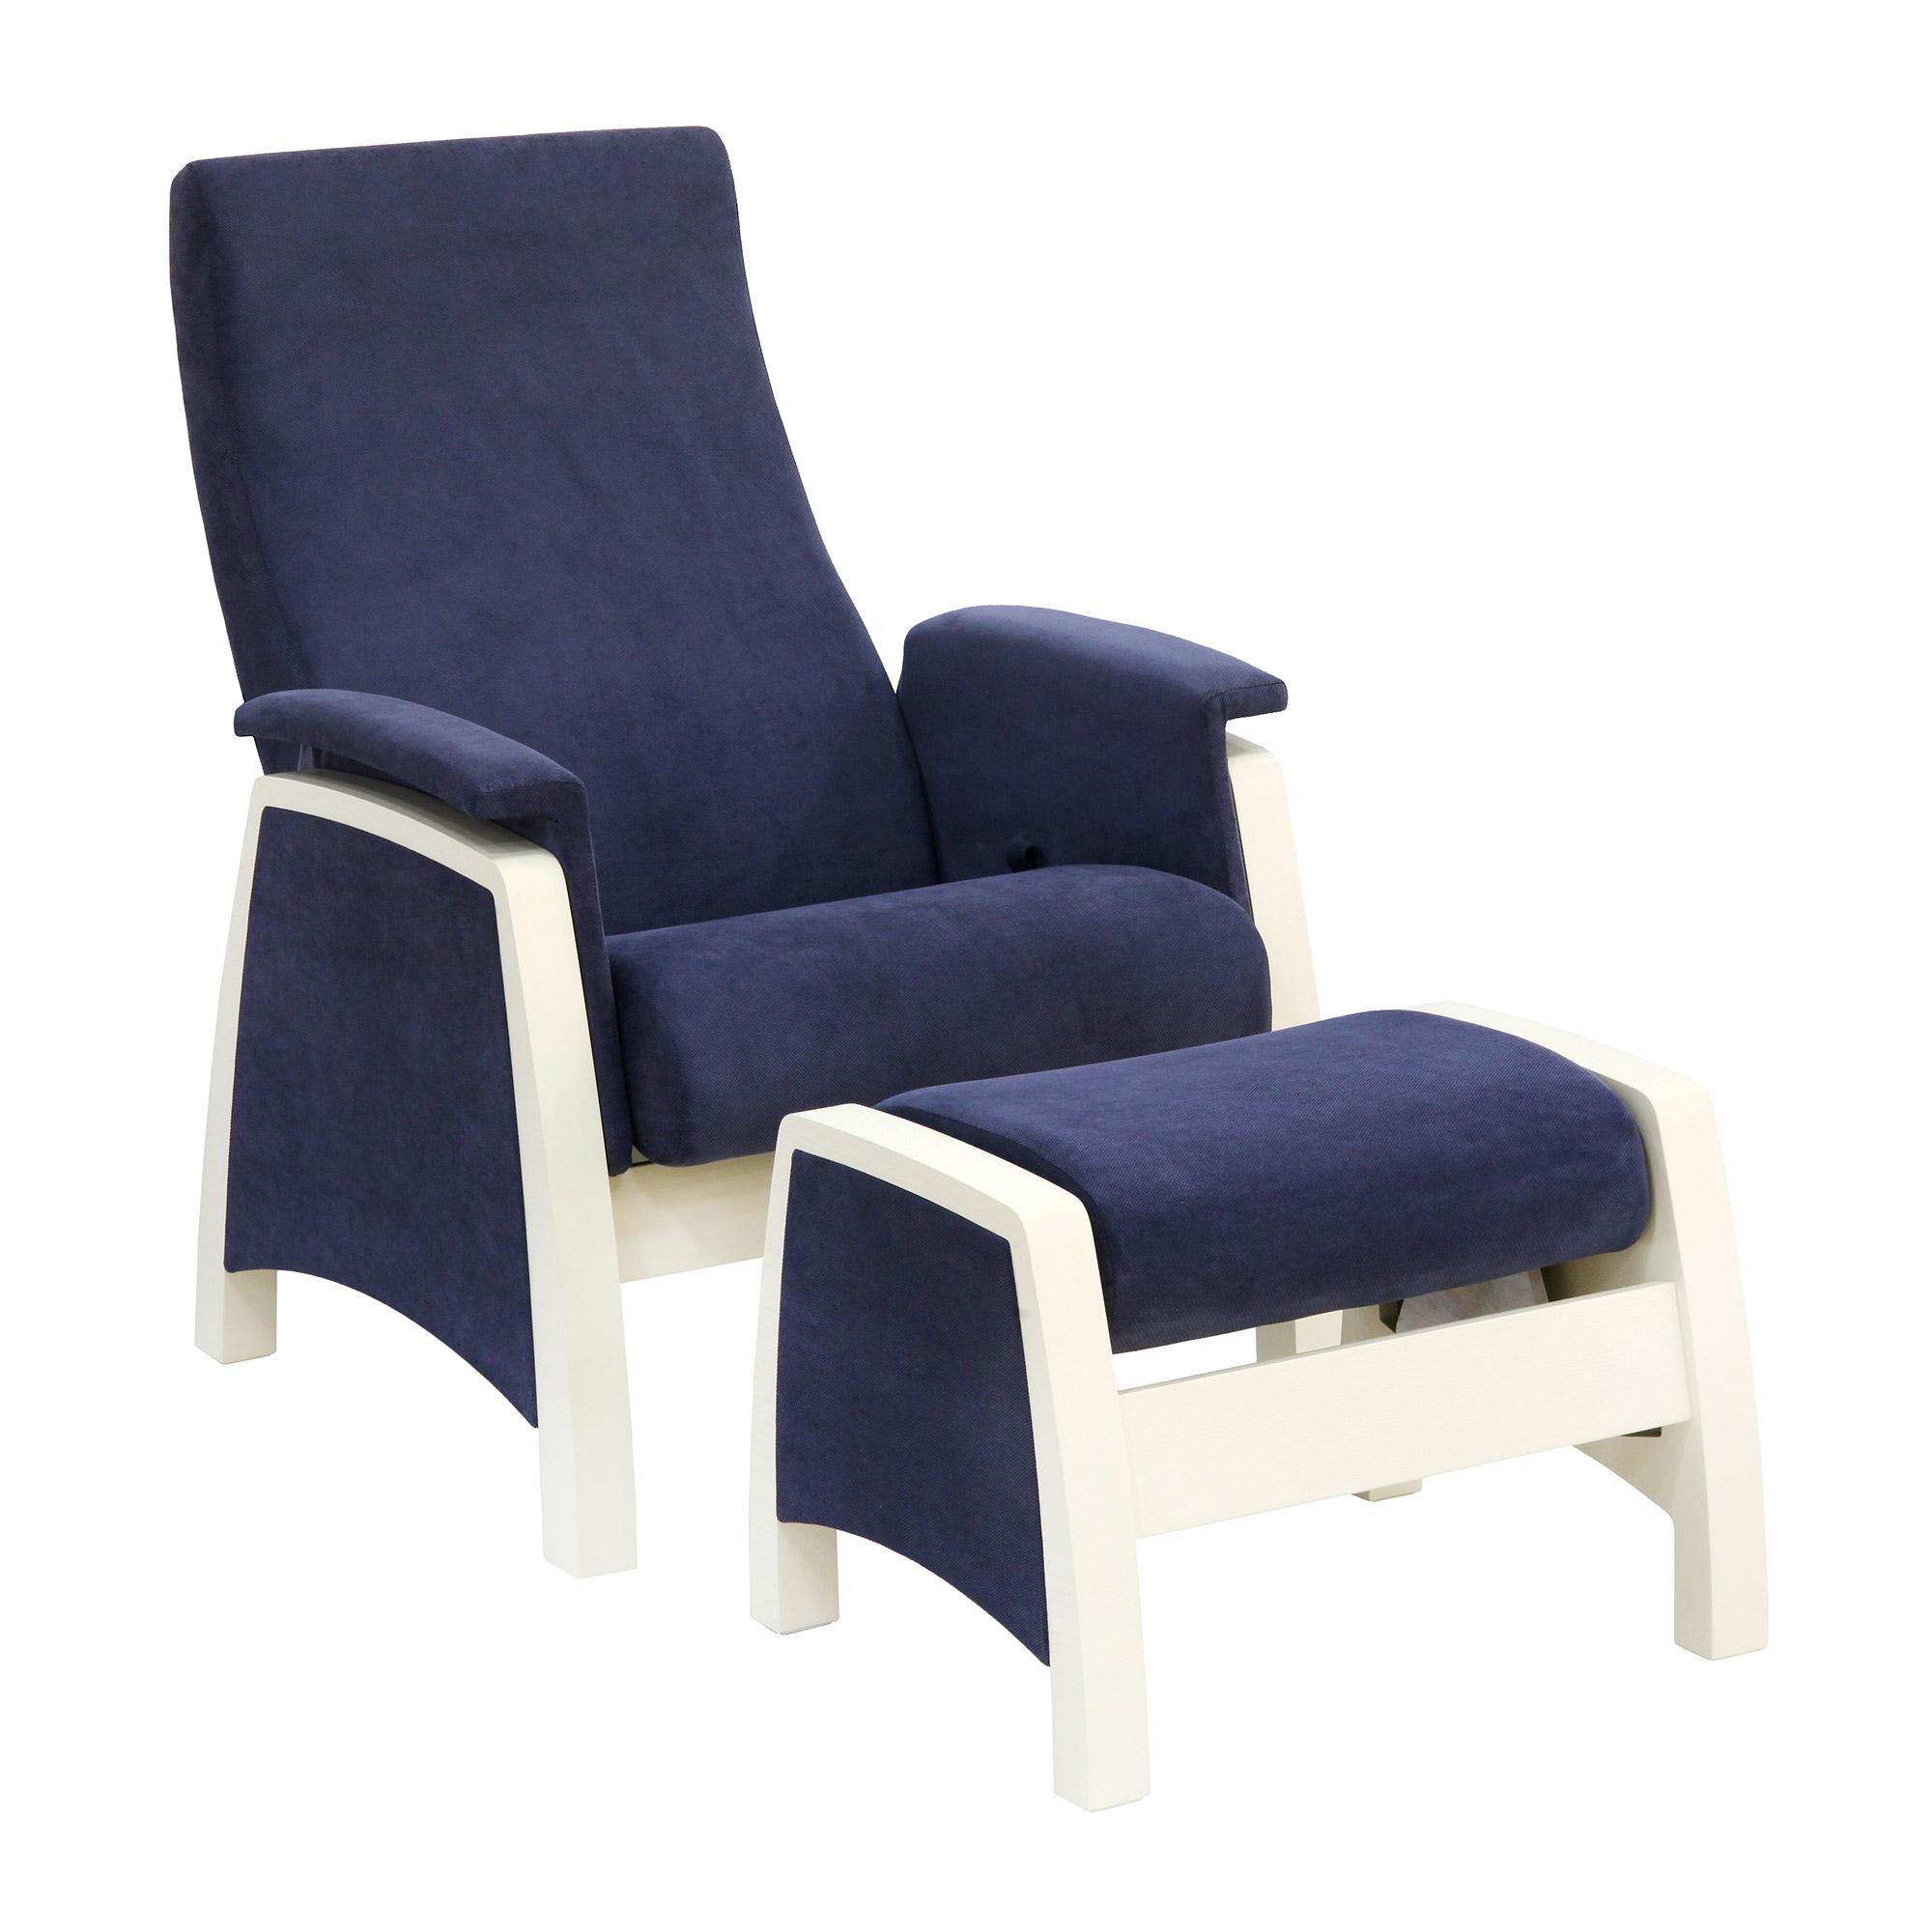 Кресло с пуфом Комфорт-мебель Balance-1 синий